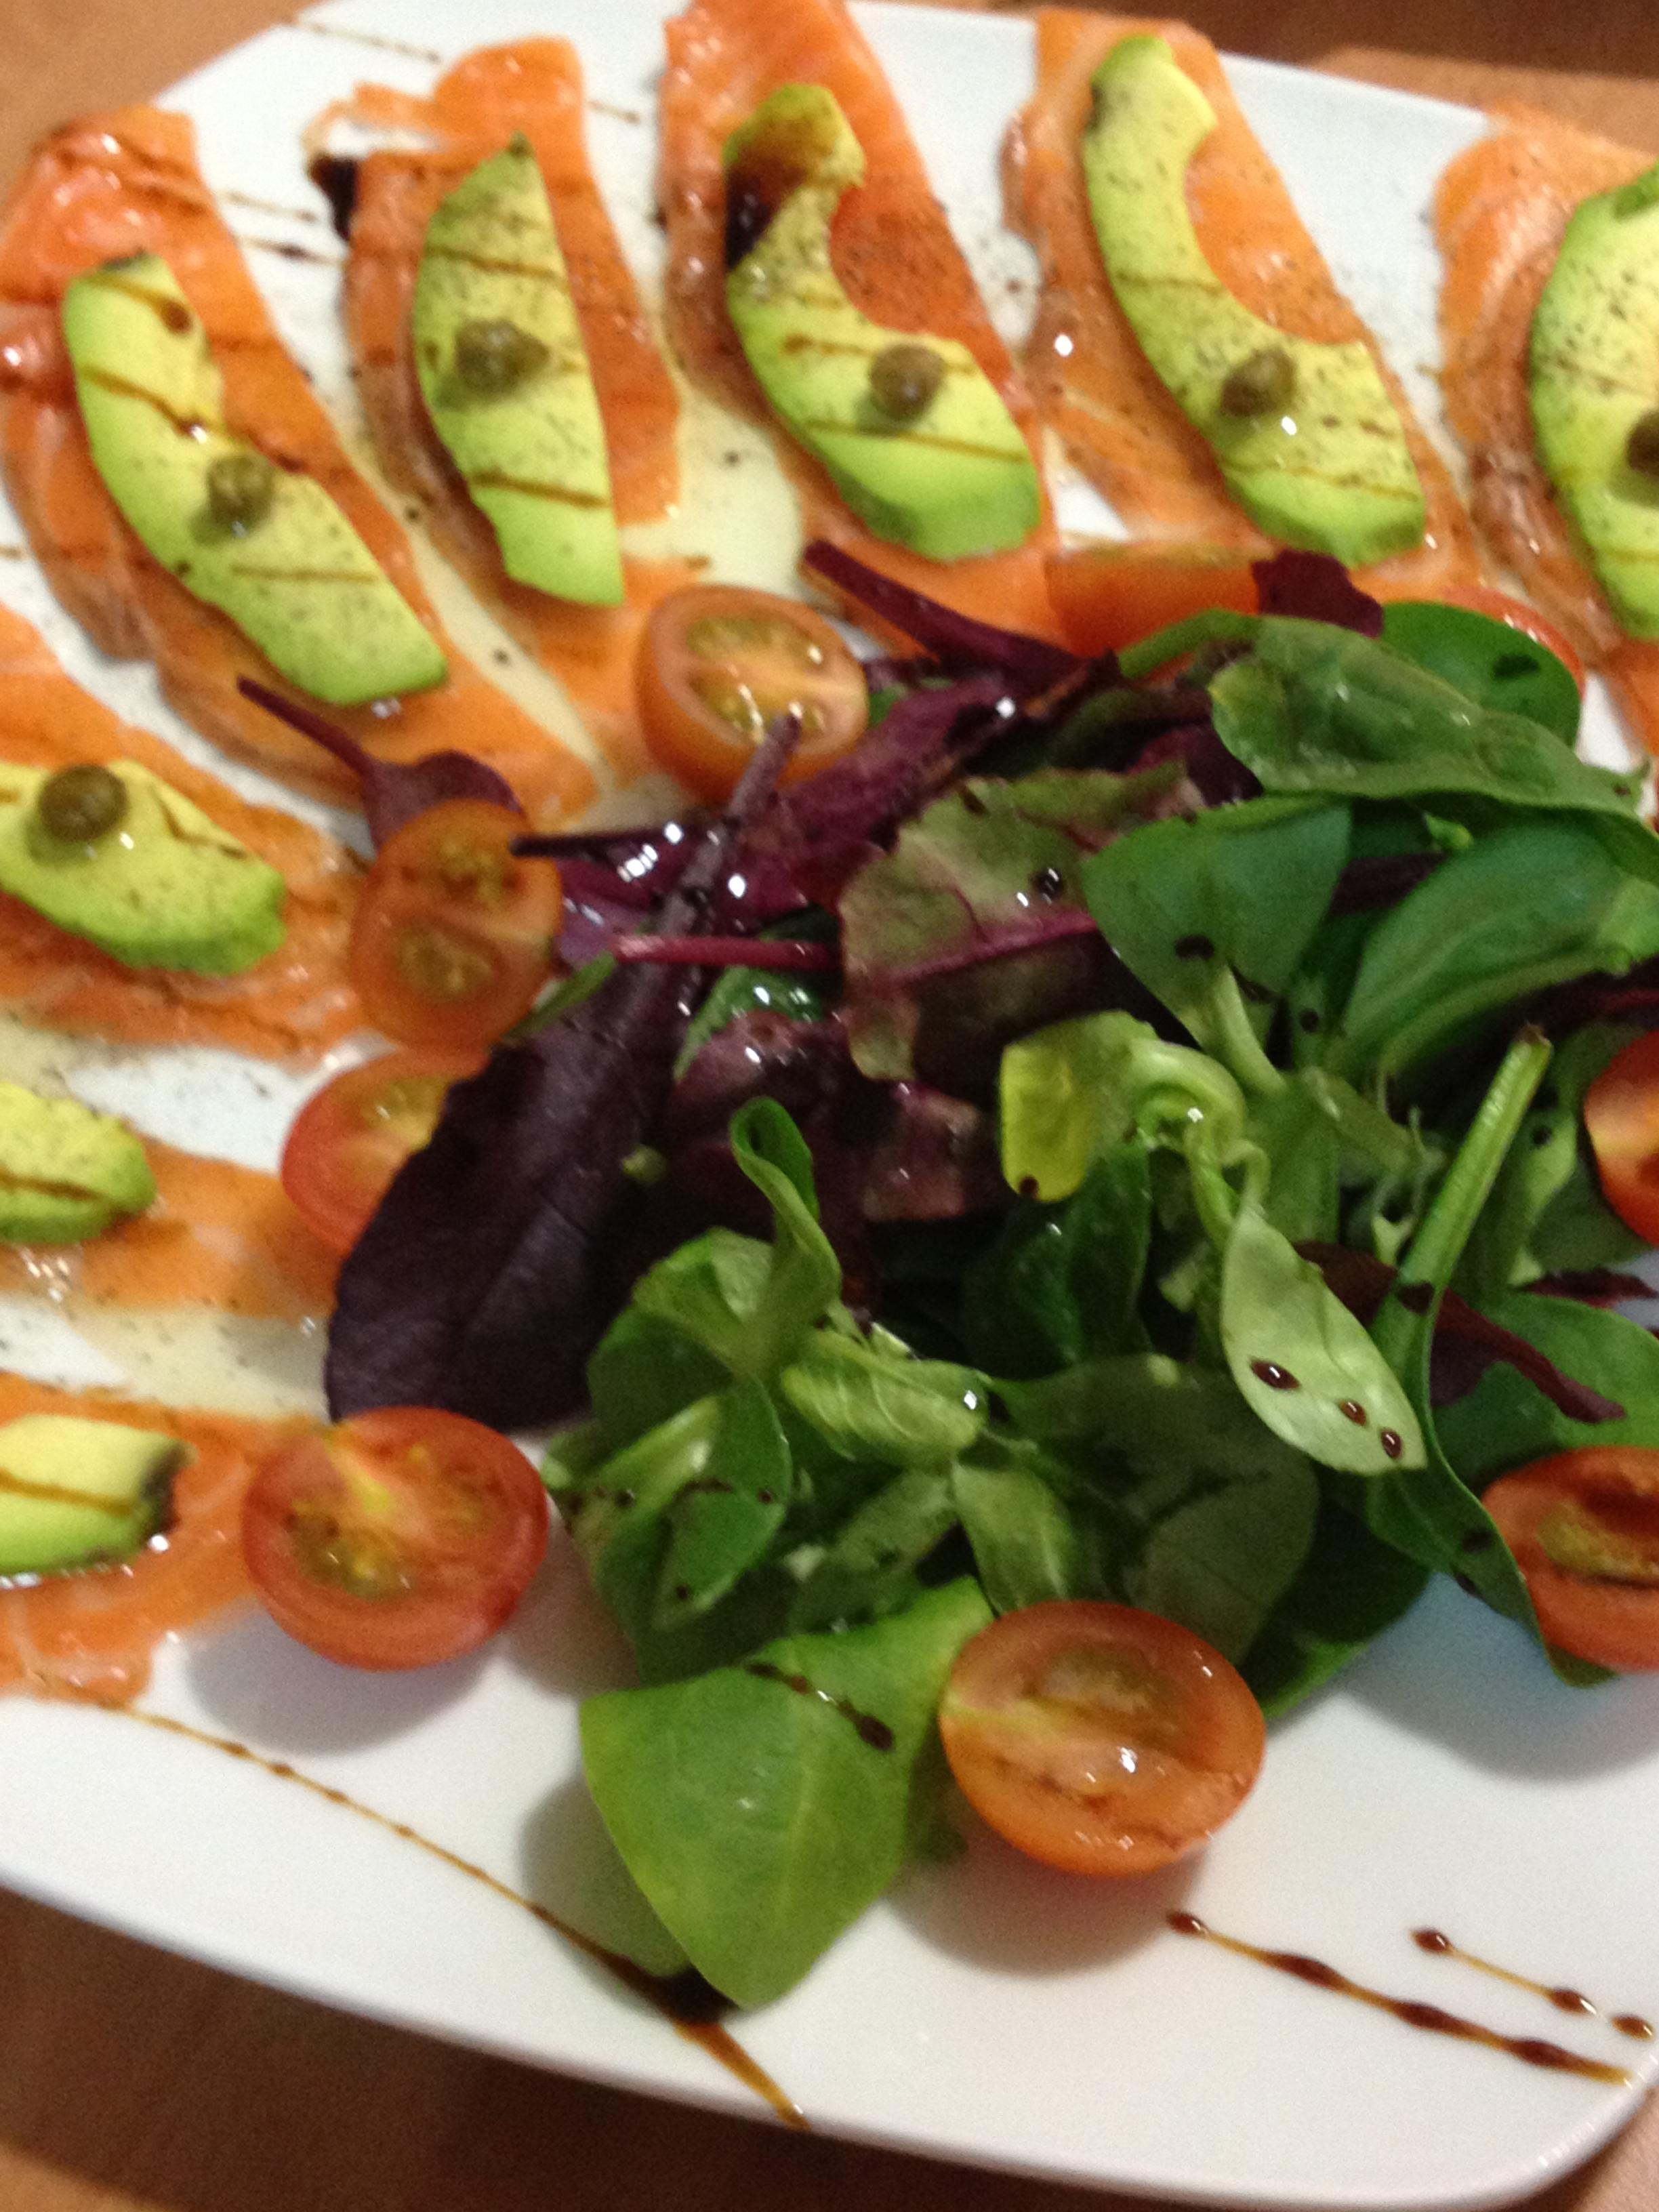 Formas De Cocinar El Salmon   Receta De Carpaccio De Salmon Y Aguacate Gourmet Like Me Recetas